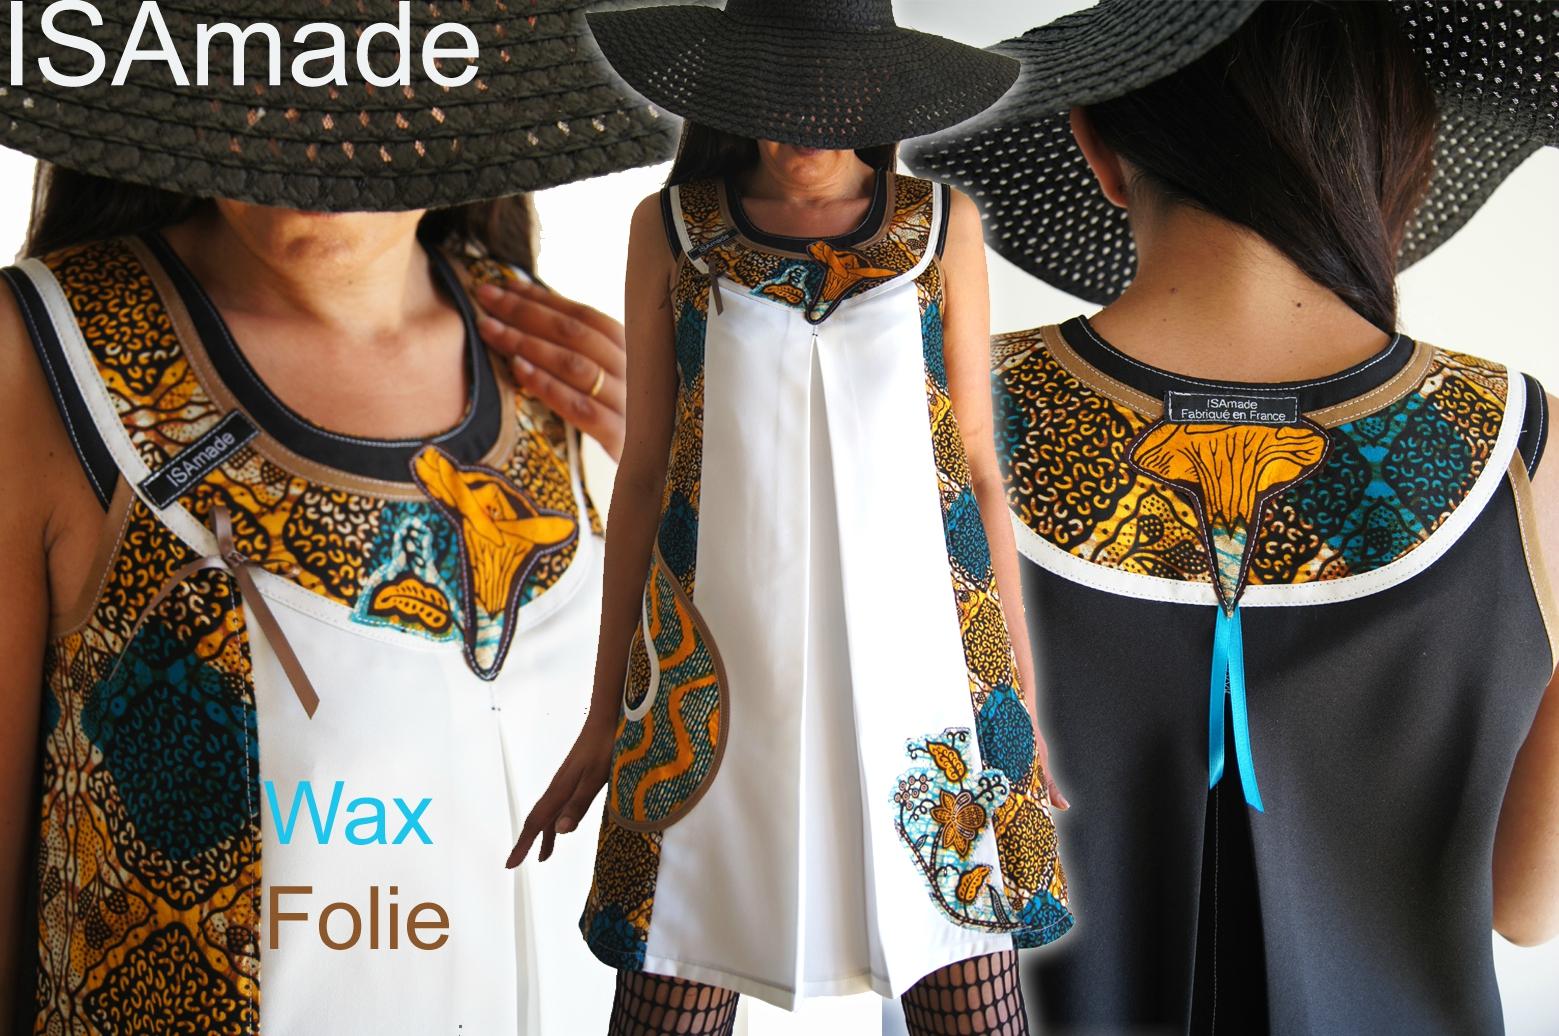 Robe trapèze de style Noire / Wax africain